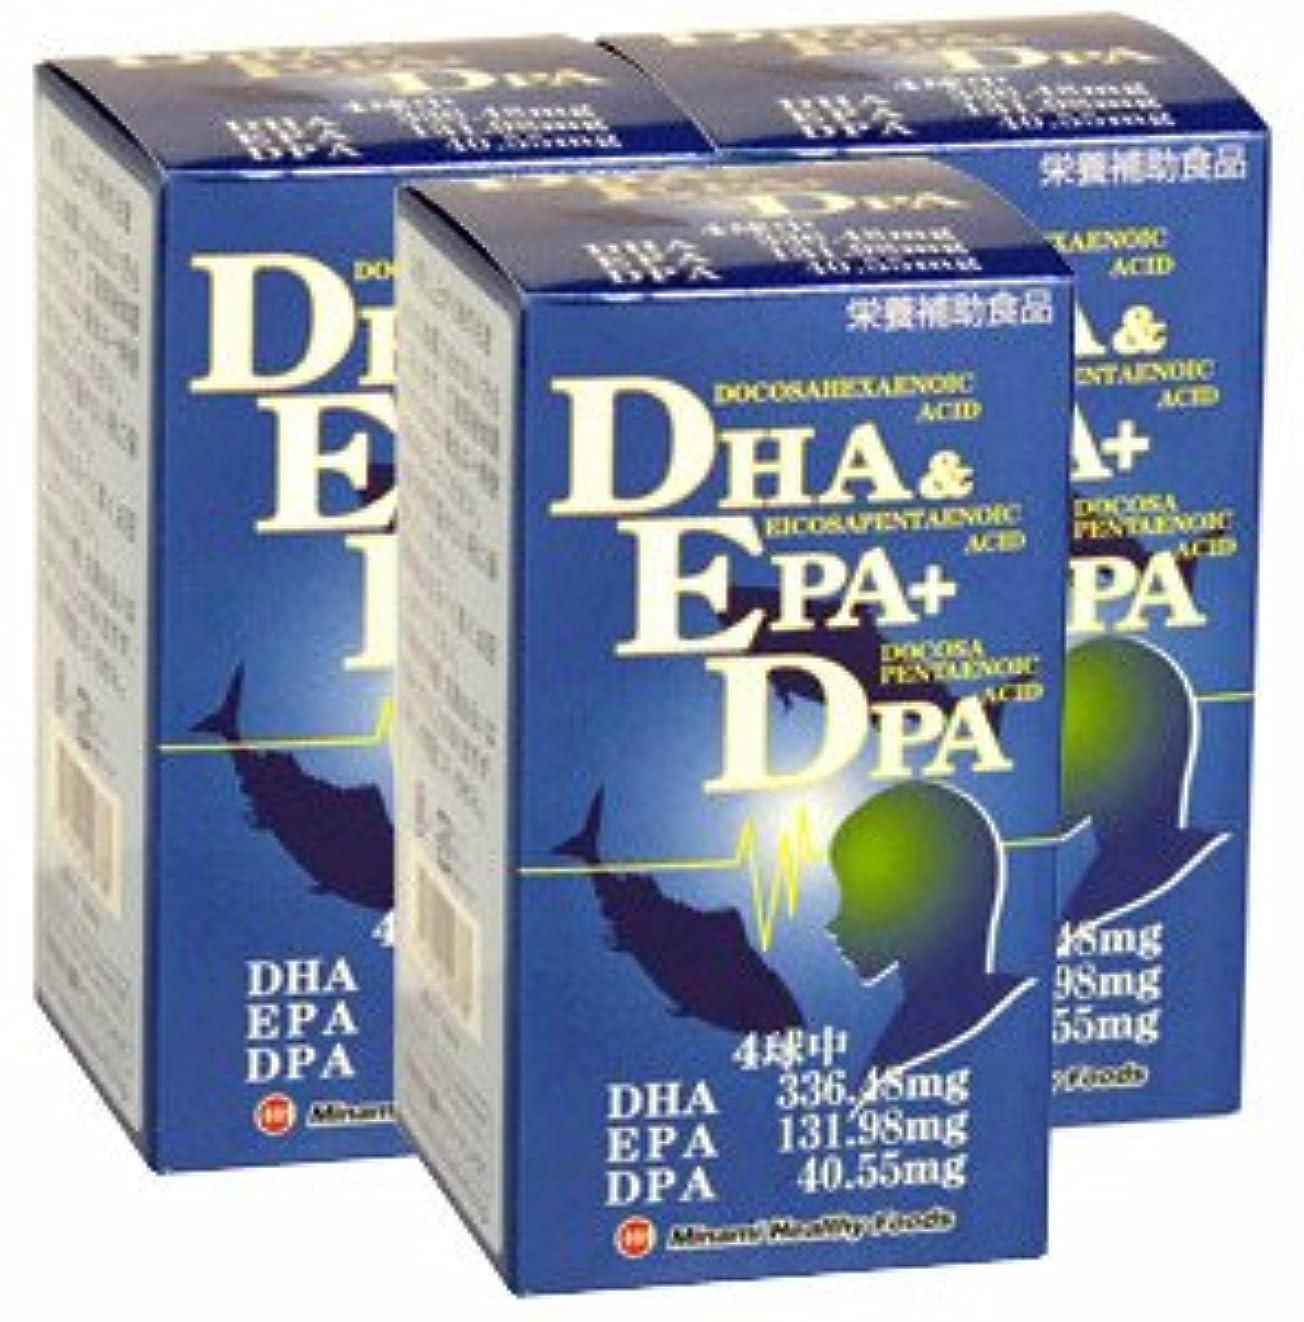 ミシン目毒講堂DHA&EPA+DPA【3本セット】ミナミヘルシーフーズ